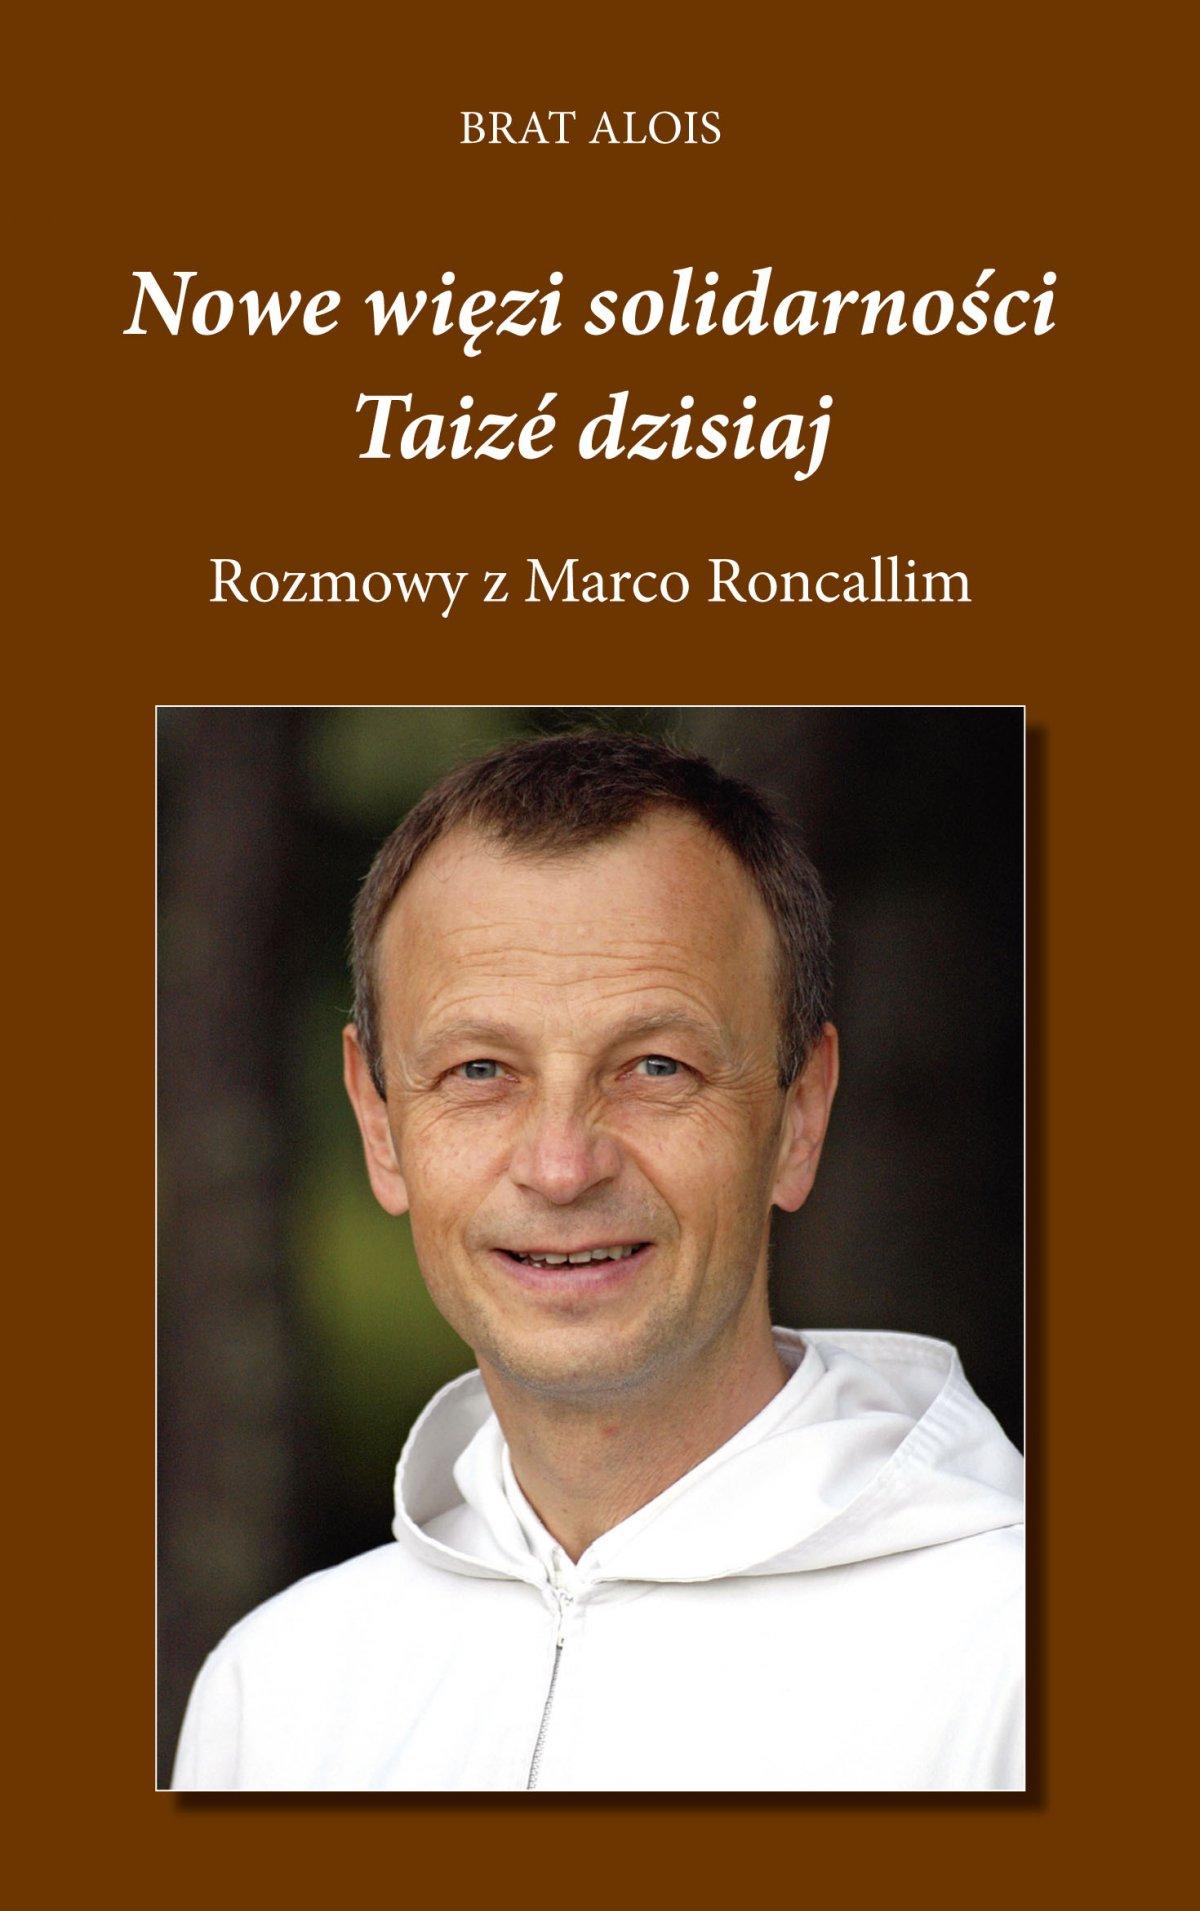 Nowe więzi solidarności. Taizé dzisiaj. Rozmowy Marco Roncalliego z Bratem Aloisem - Ebook (Książka EPUB) do pobrania w formacie EPUB